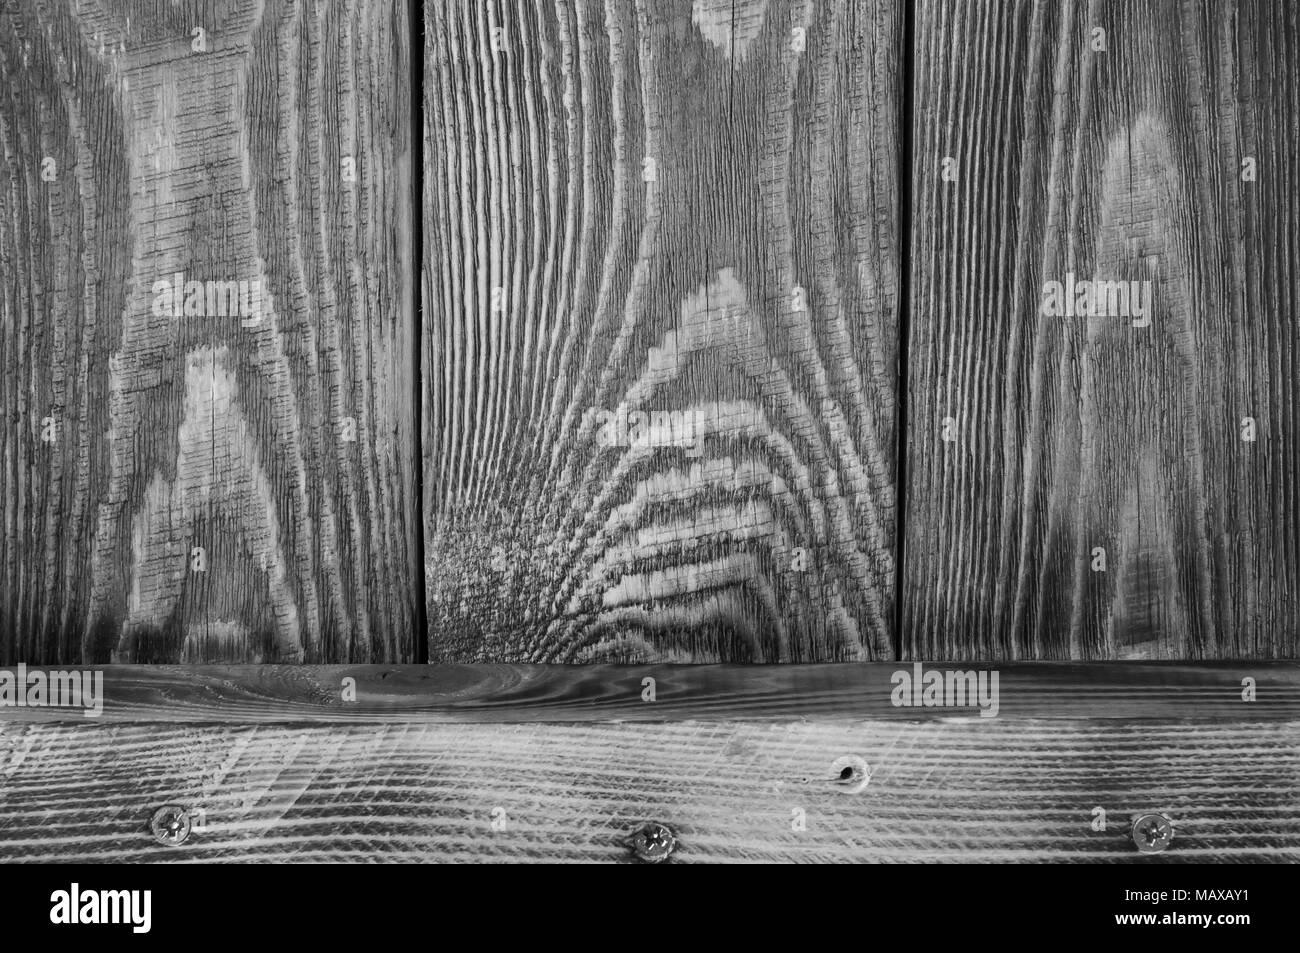 Legno Bianco E Nero : Bianco e nero tessiturali sfondo di tavole di legno e una scheda